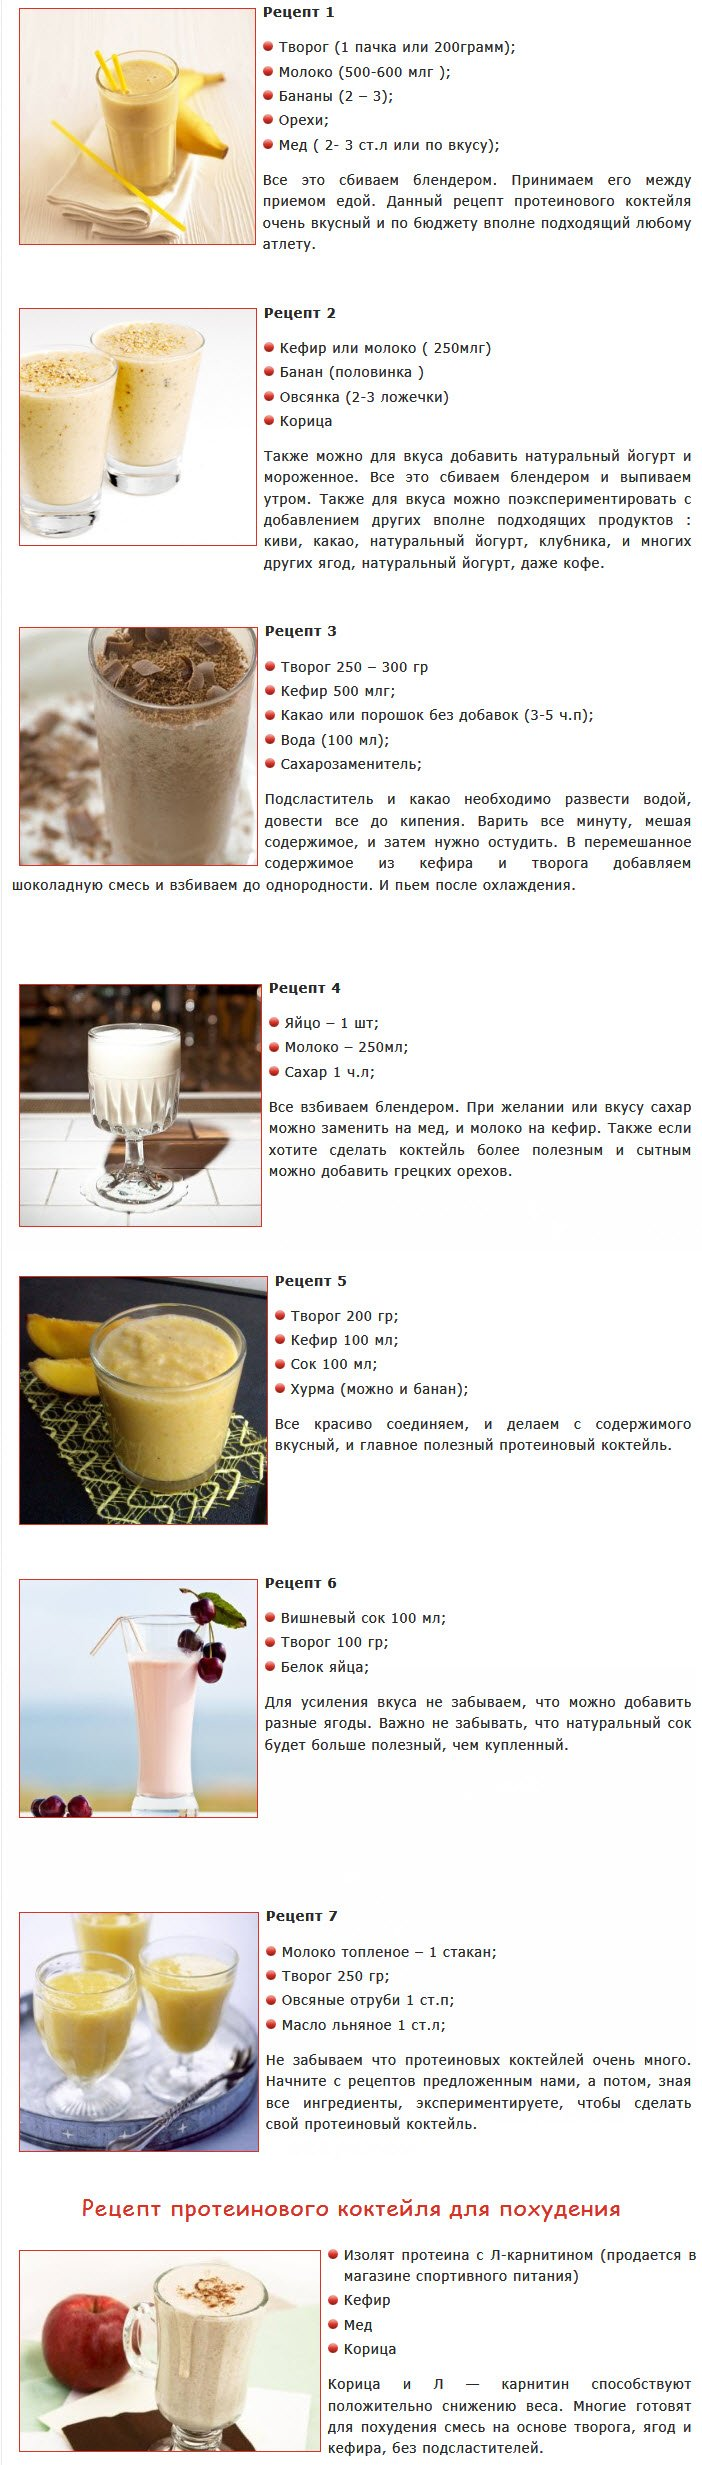 Жиросжигающие коктейли: рецепты приготовления в домашних условиях